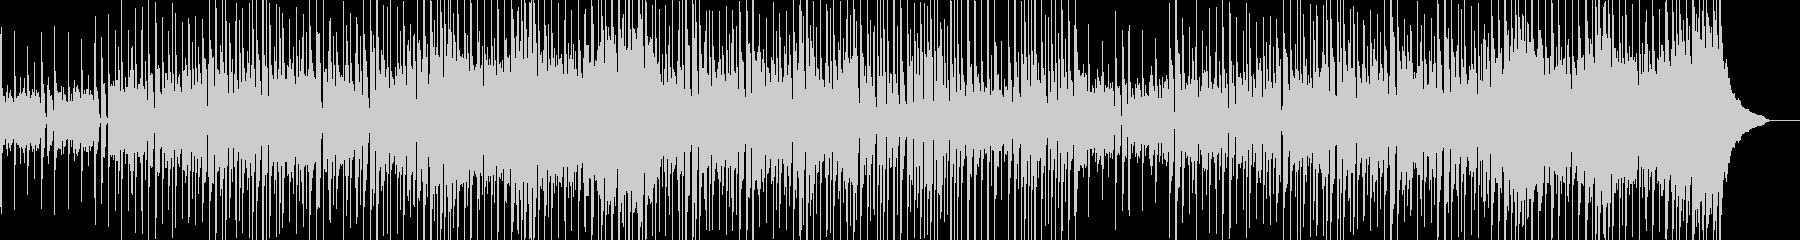 明るく楽しいシンプルなサウンドの未再生の波形